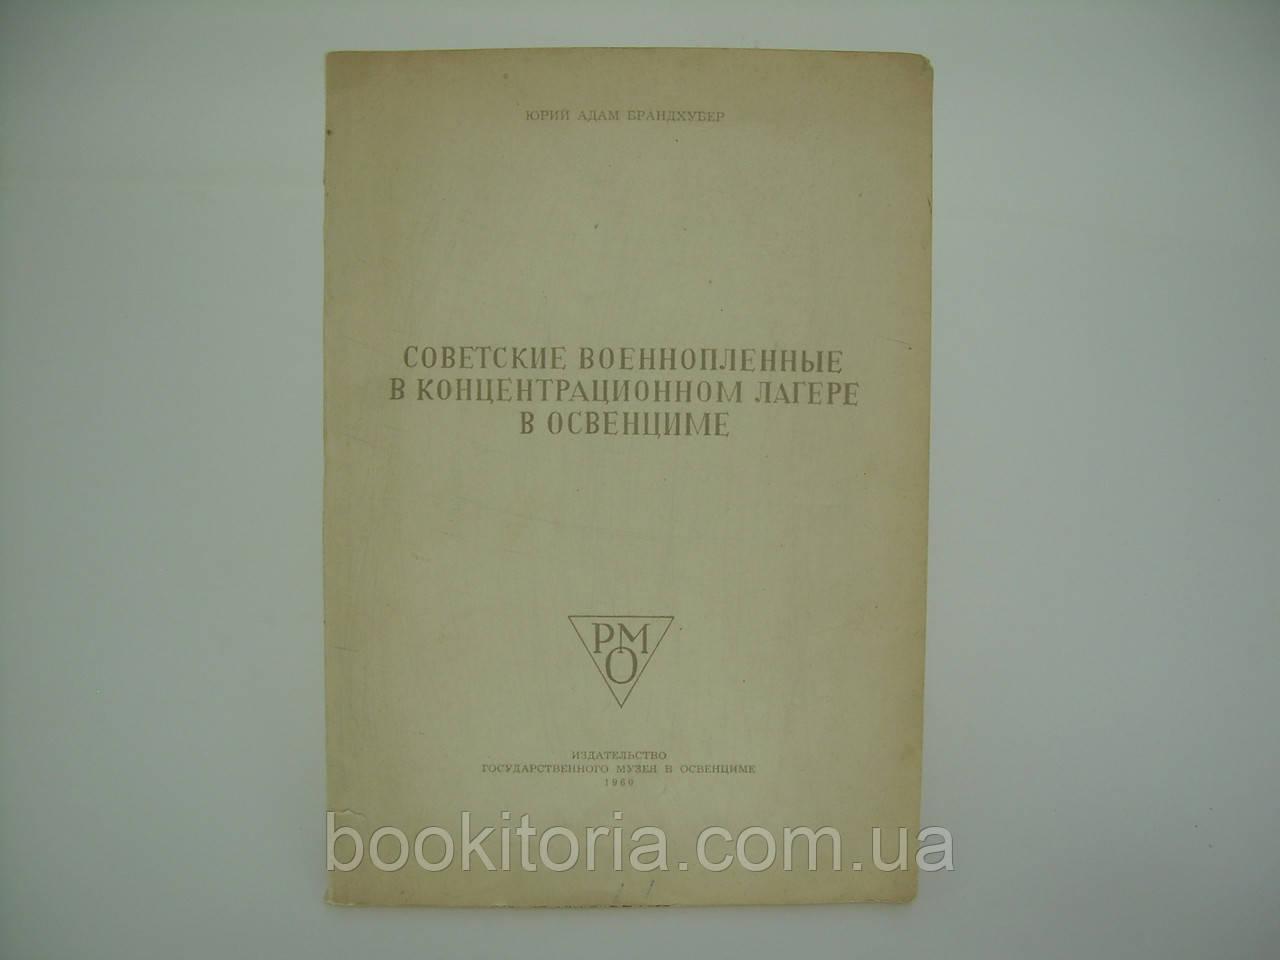 Брандхубер Ю.А. Советские военнопленные в концентрационном лагере Освенцим (б/у).